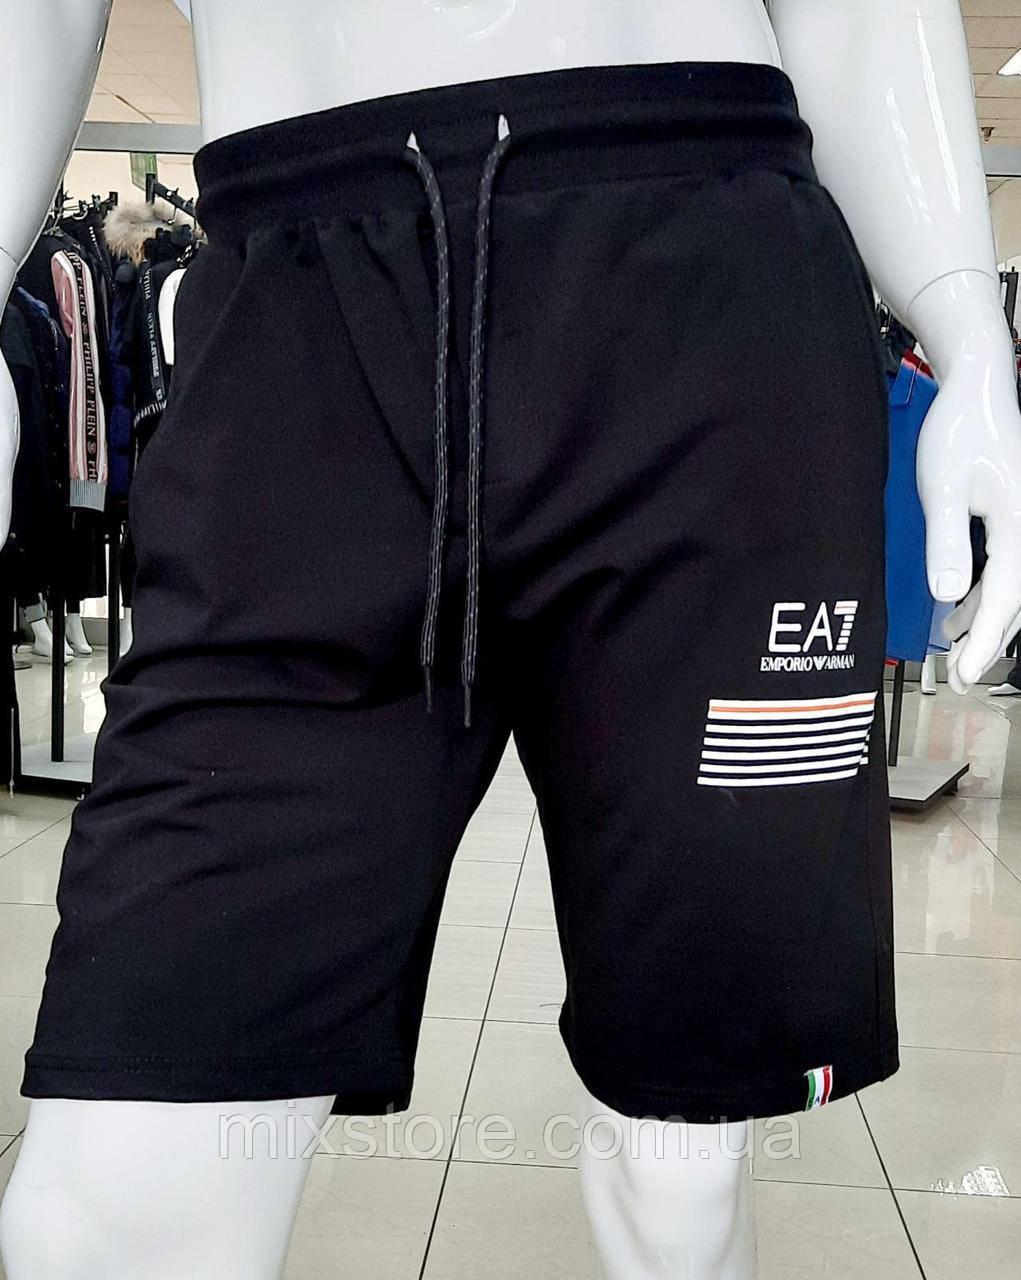 Мужские спортивные шорты EMPORIO ARMANI,копия класса люкс.Турция